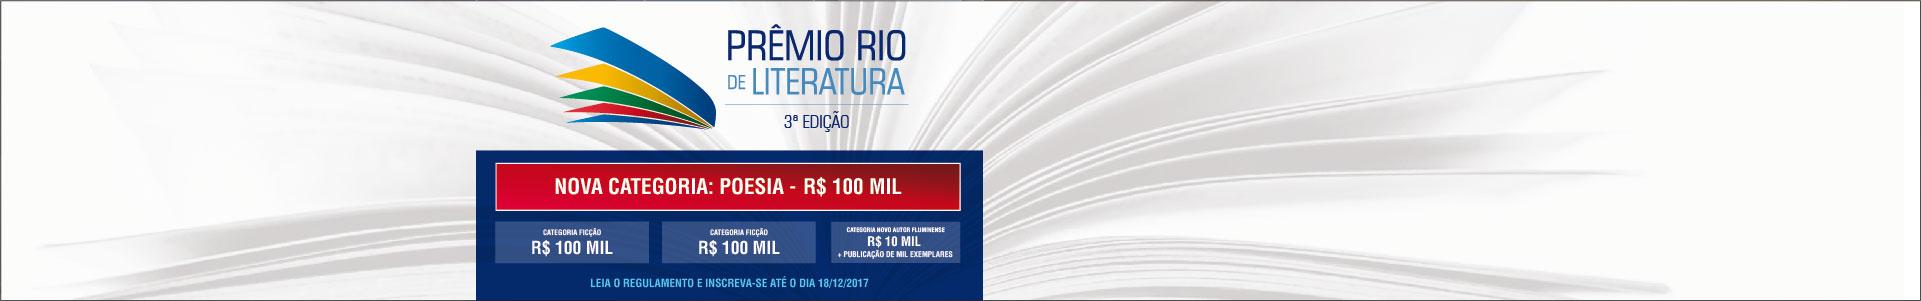 Prêmio Rio de Literatura – 3ª Edição abre inscrições